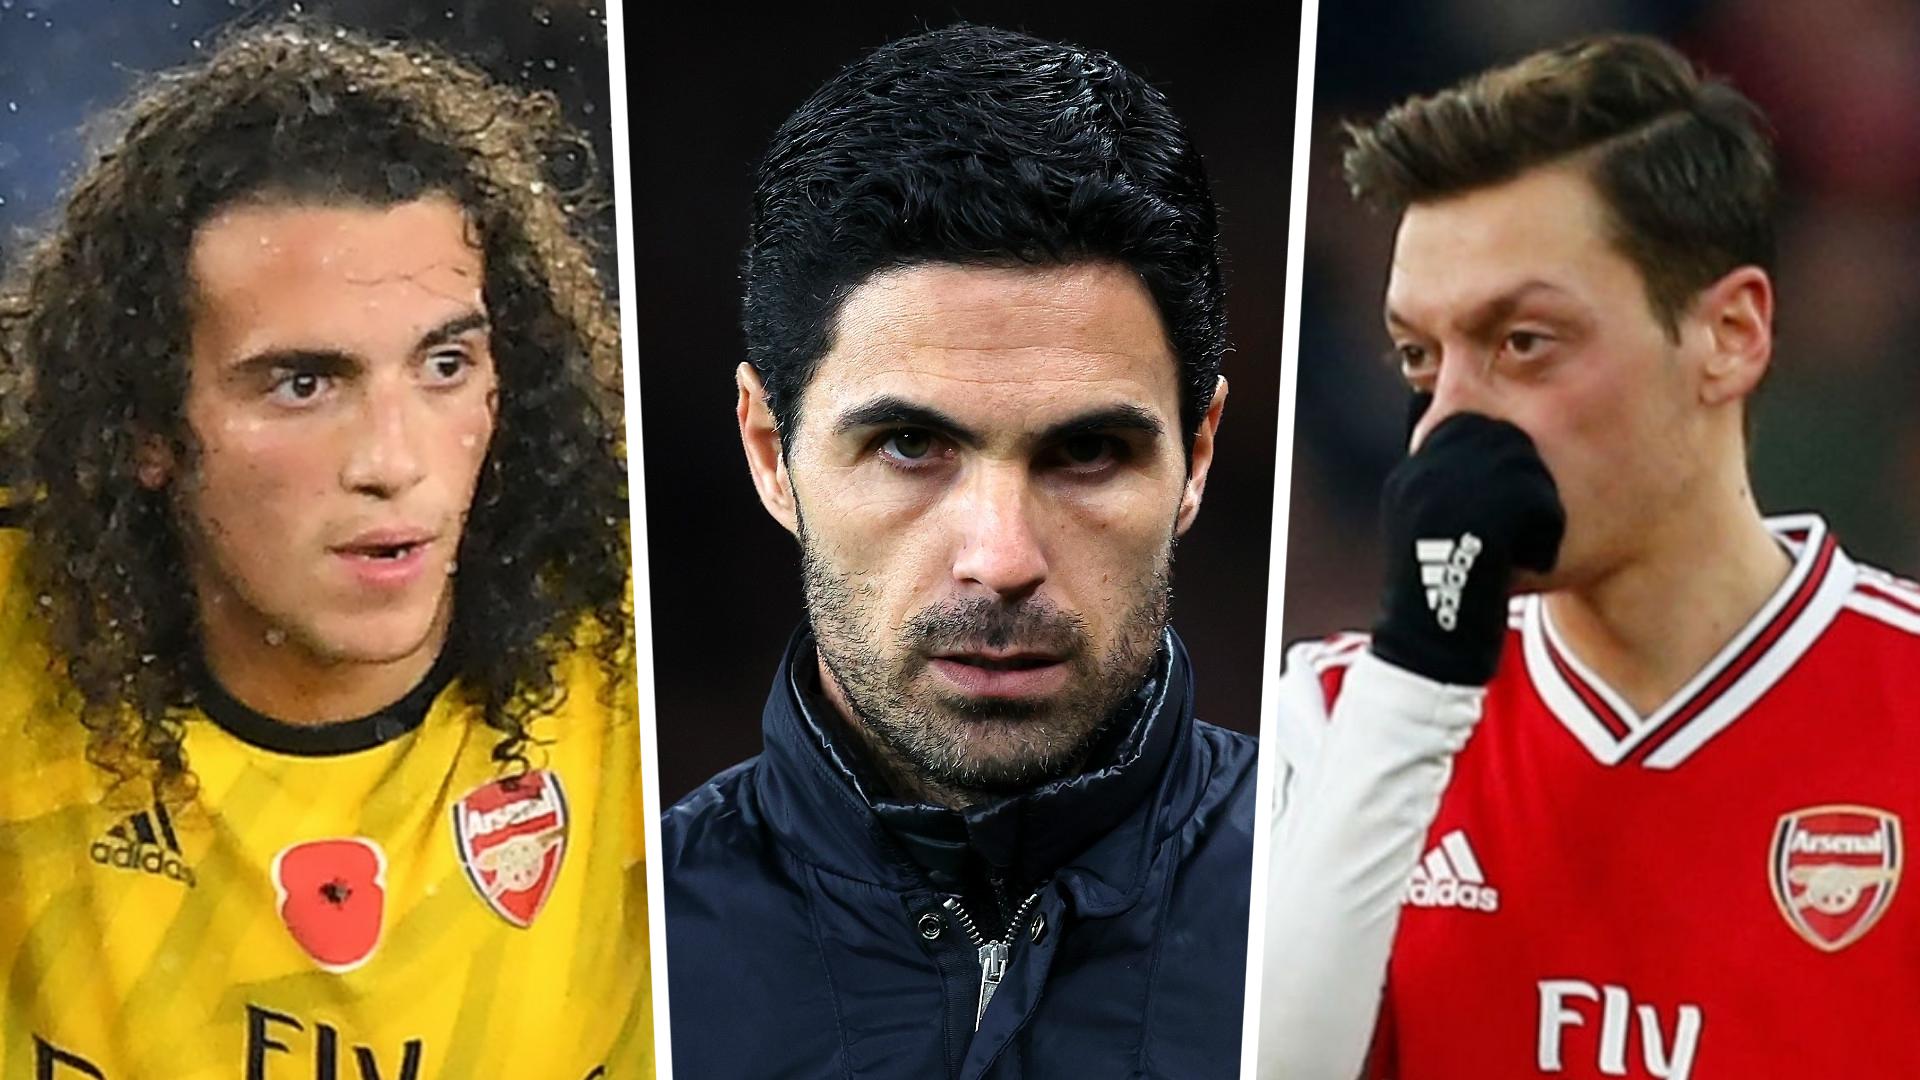 Arsenal - Arteta s'exprime sur l'avenir d'Ozil et Guendouzi